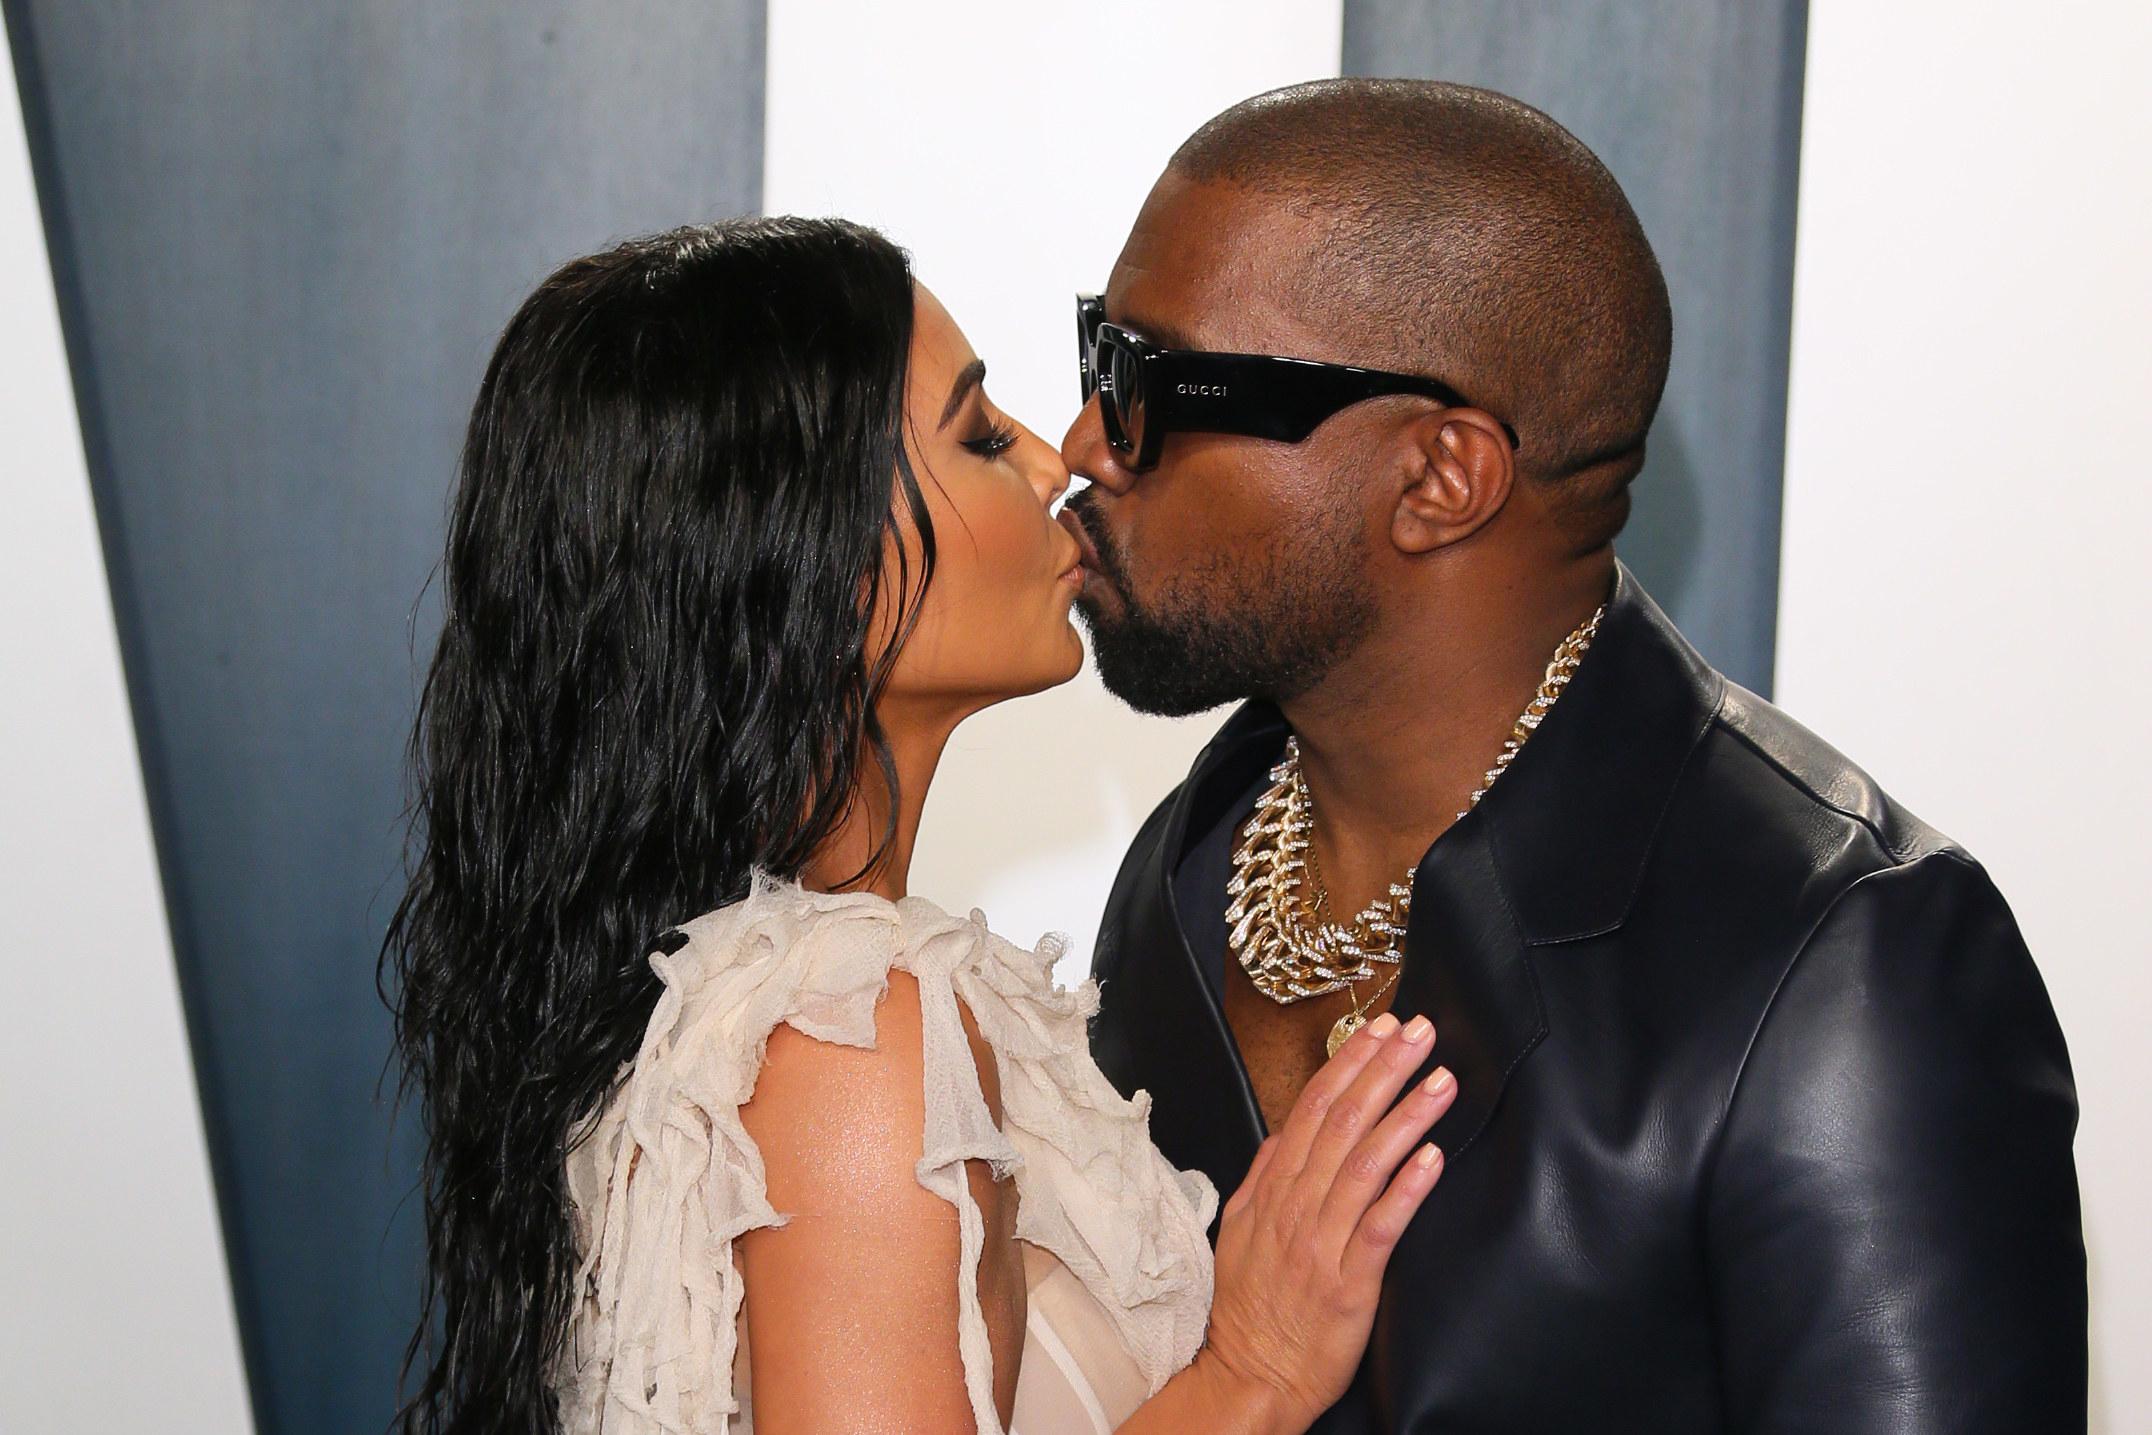 Kim and Kanye kissing